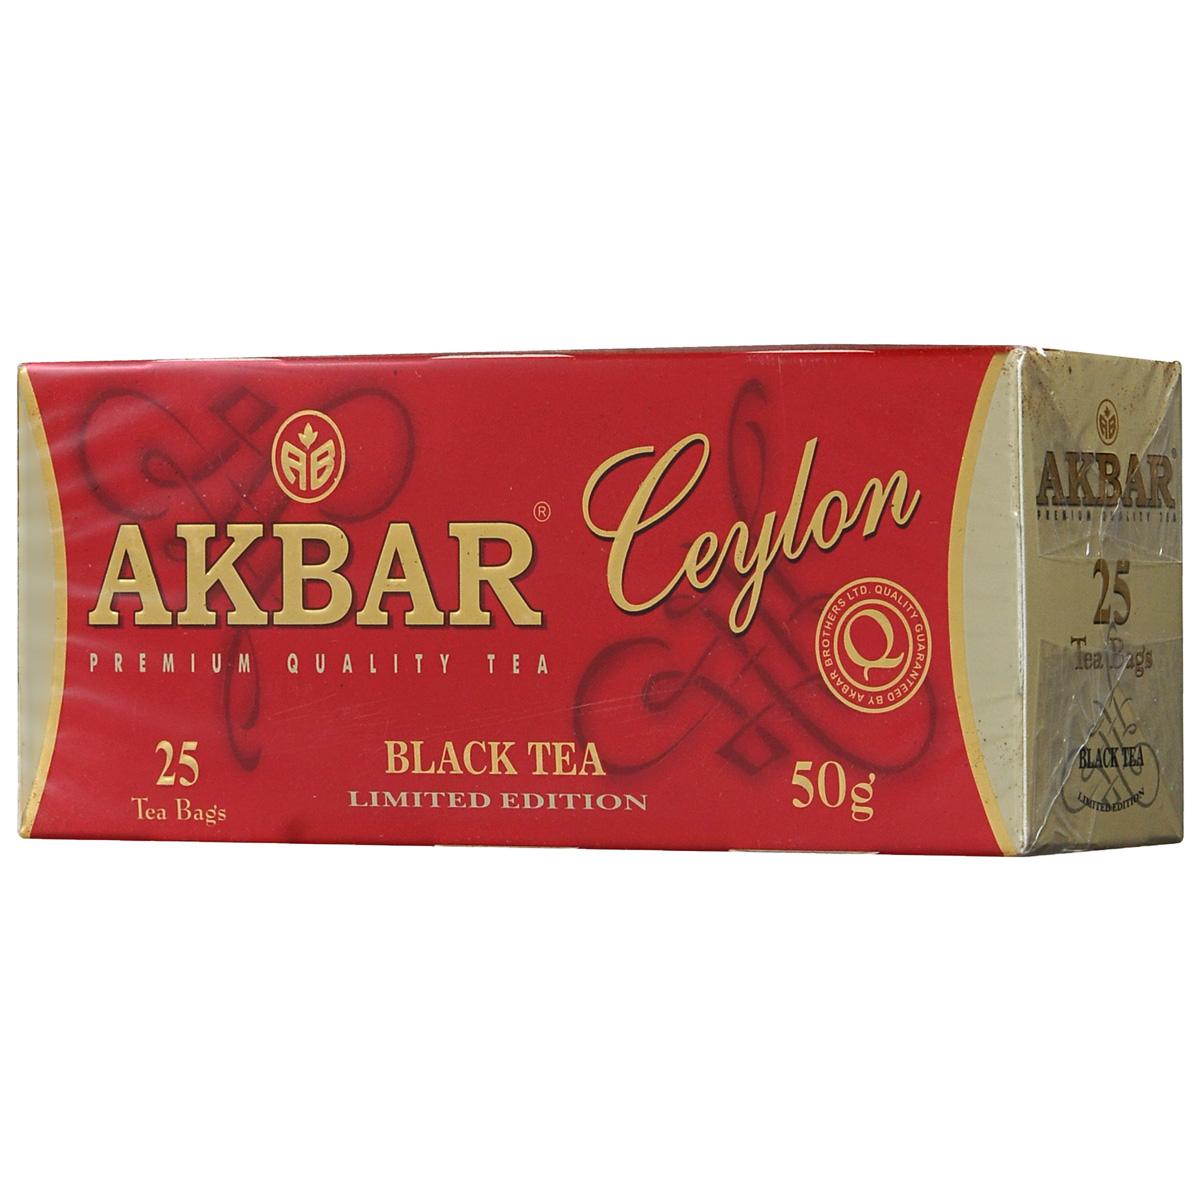 Akbar Ceylon черный чай в пакетиках, 25 шт1041224Для наполнения чайных пакетиков черного чая Akbar Ceylon используют самые мелкие кусочки чайного листа или fannings. Чай из них получается ароматным, с мягким и сочным вкусом, а большая поверхность соприкосновения мелких чаинок с кипятком обеспечивает эффект быстрого заваривания.